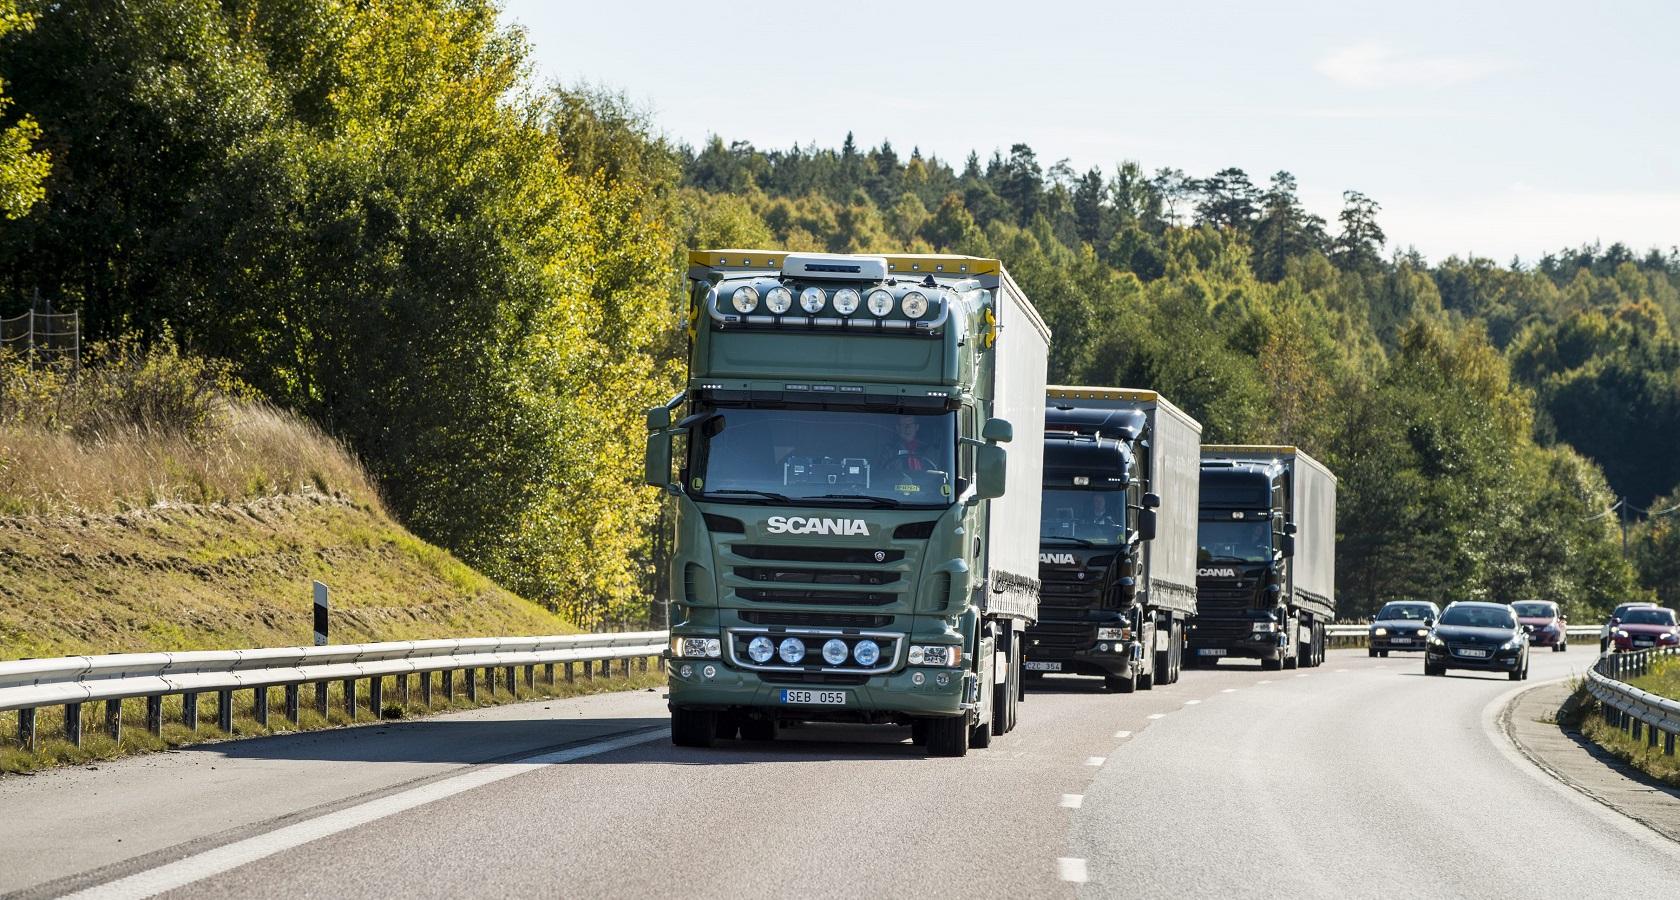 Повсеместное распространение «уберов» для грузовых перевозок возможно в том случае, если за ним будет стоять сильнейшая поддержка клиентов и всевозможные материалы по обучению (фото: Scania)